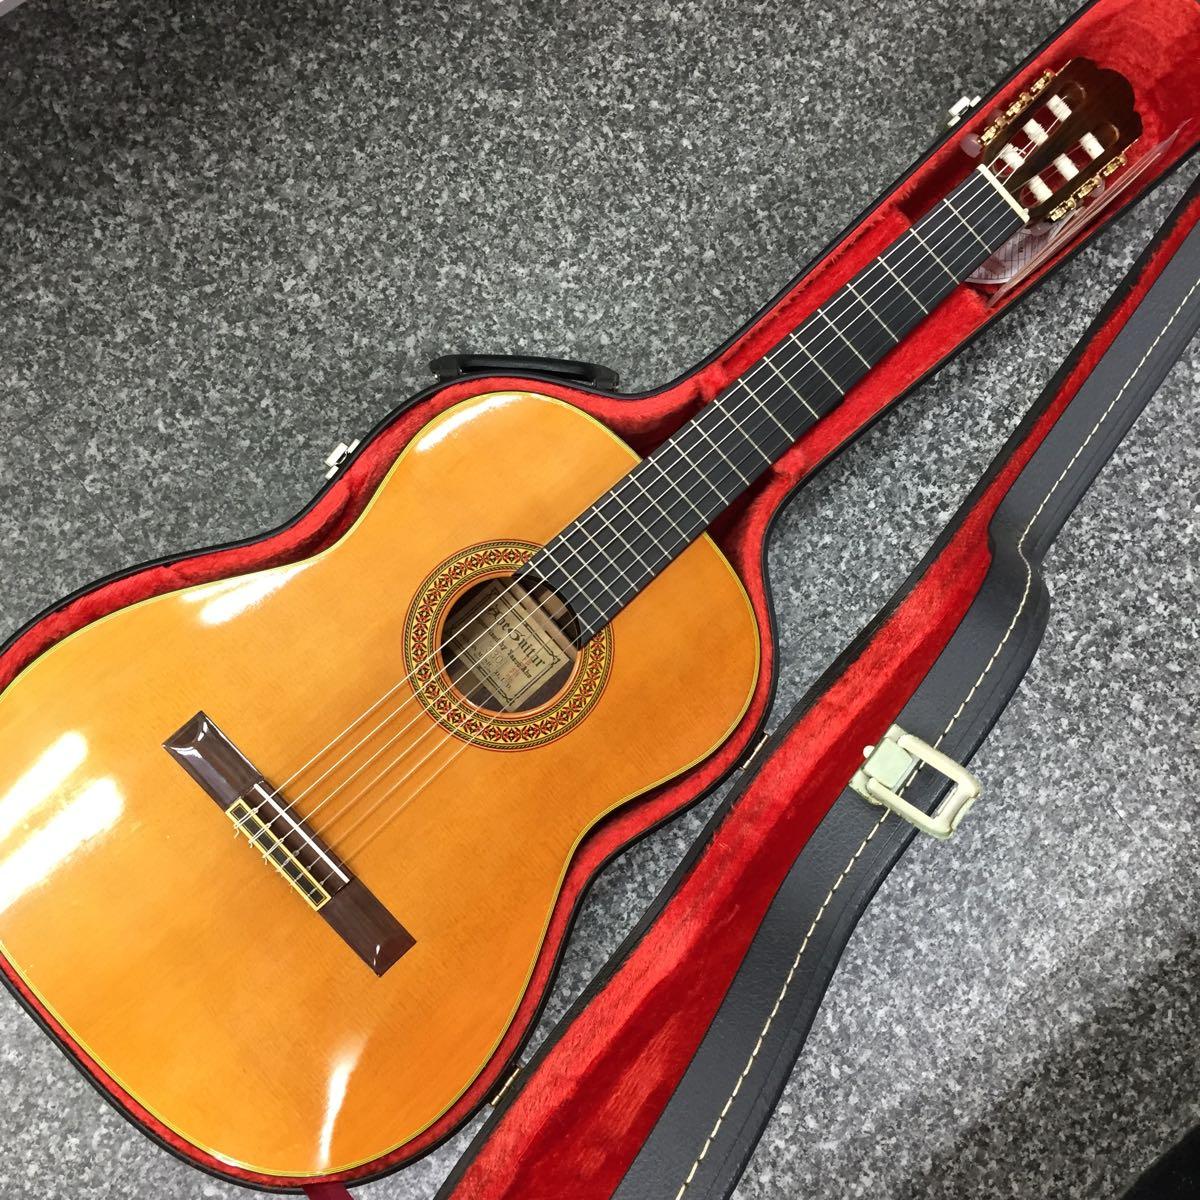 中古 Abe guitar 330 TOP単板 美品 日本製 630mmスケール 調整済 ハードケース付